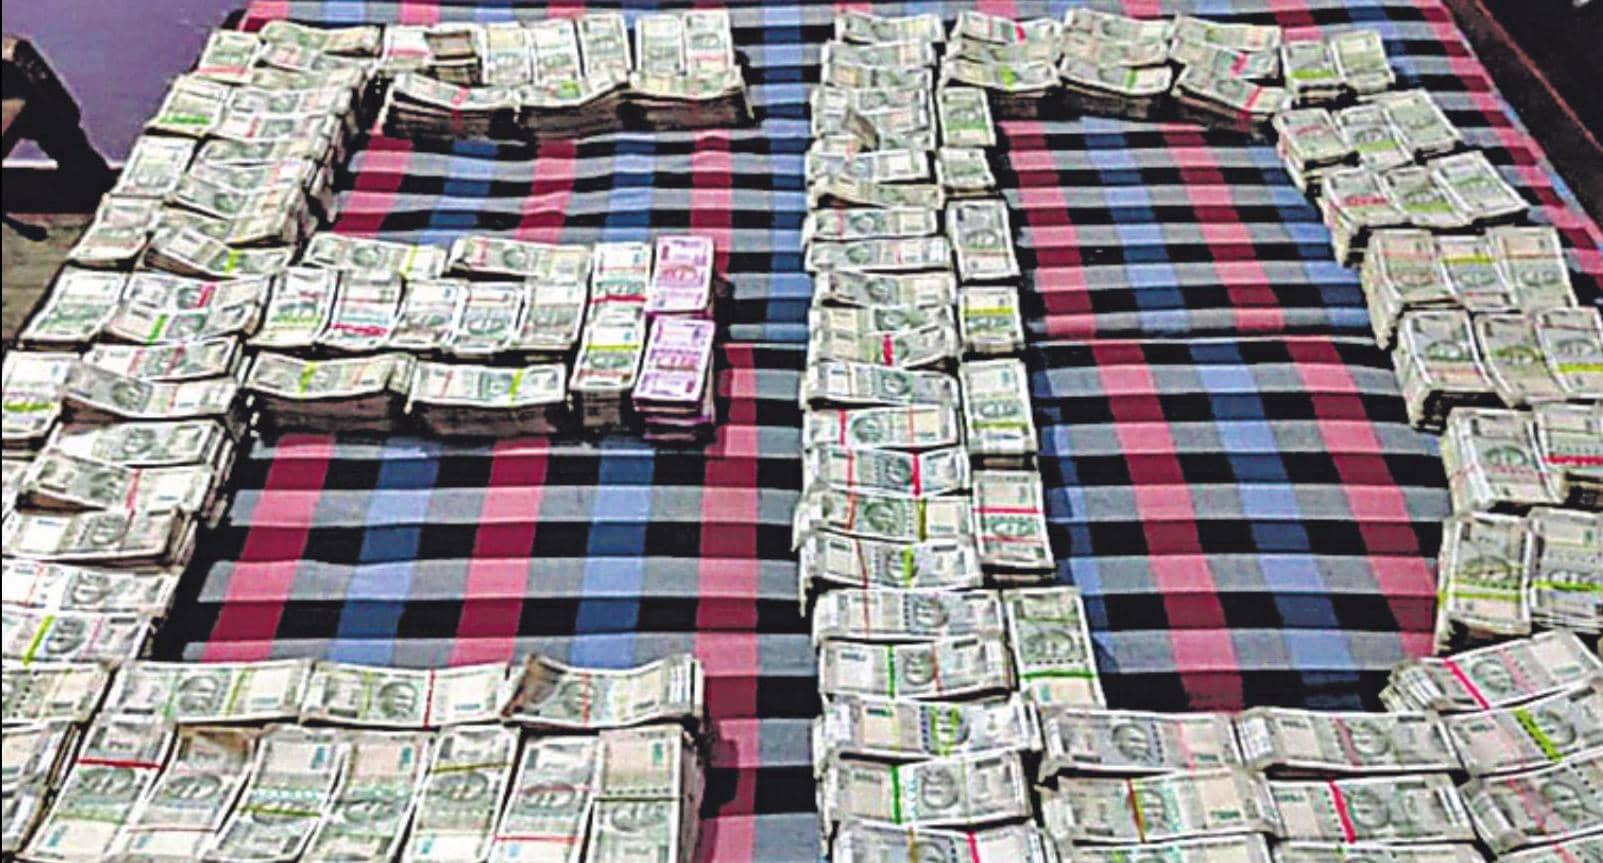 दिल्ली-एनसीआर में कई ट्रैवल कंपनी पर ईडी की छापेमारी